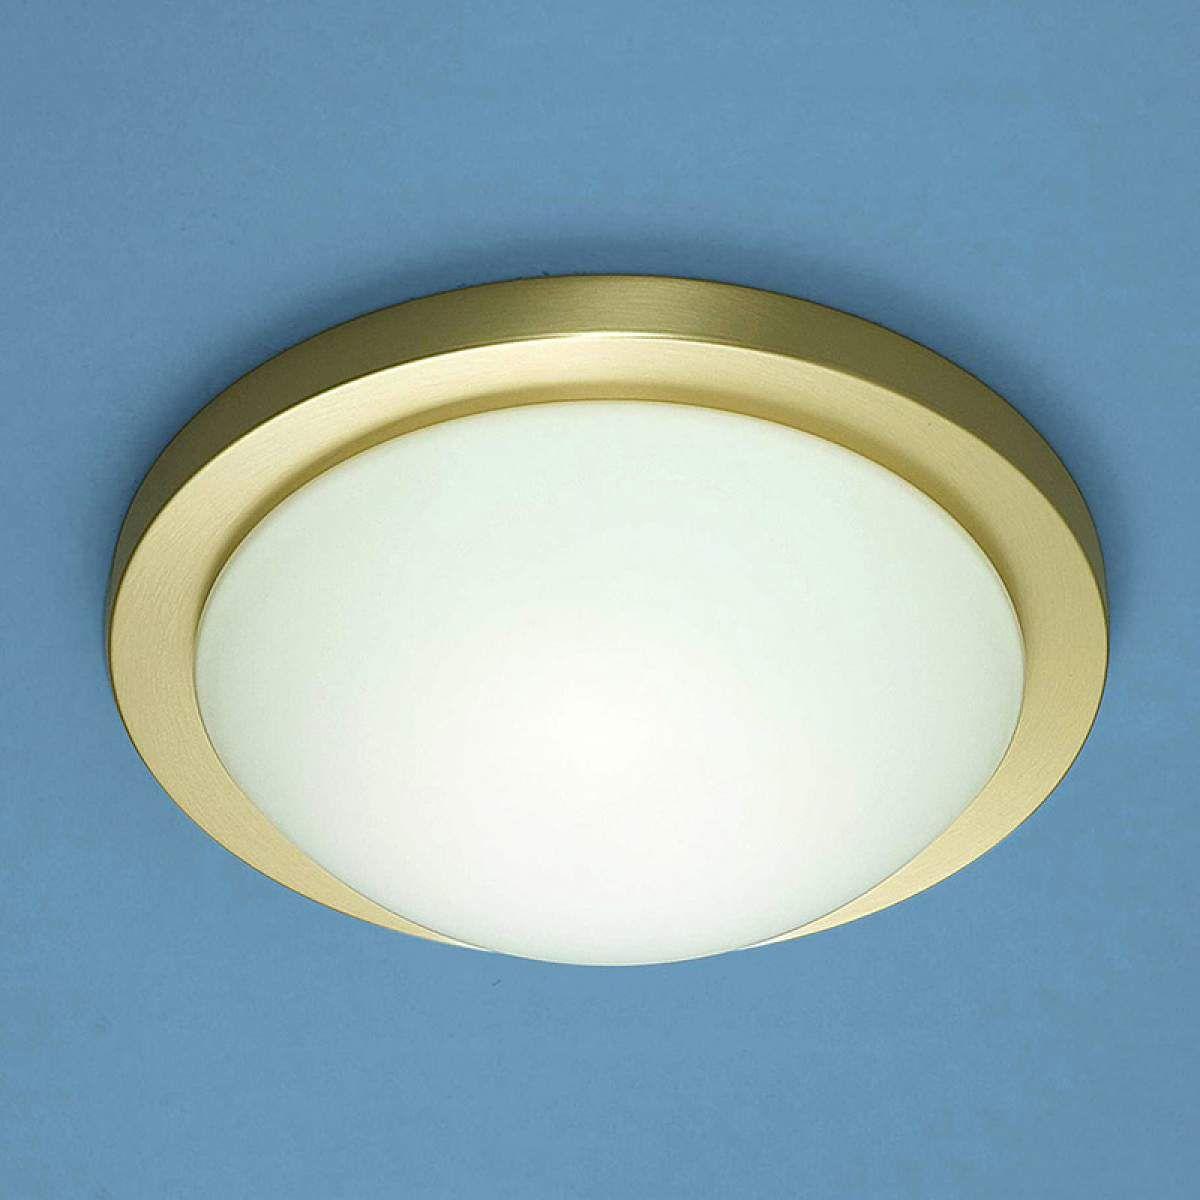 küchen deckenlampe led deckenleuchte dimmbar farbwechsel